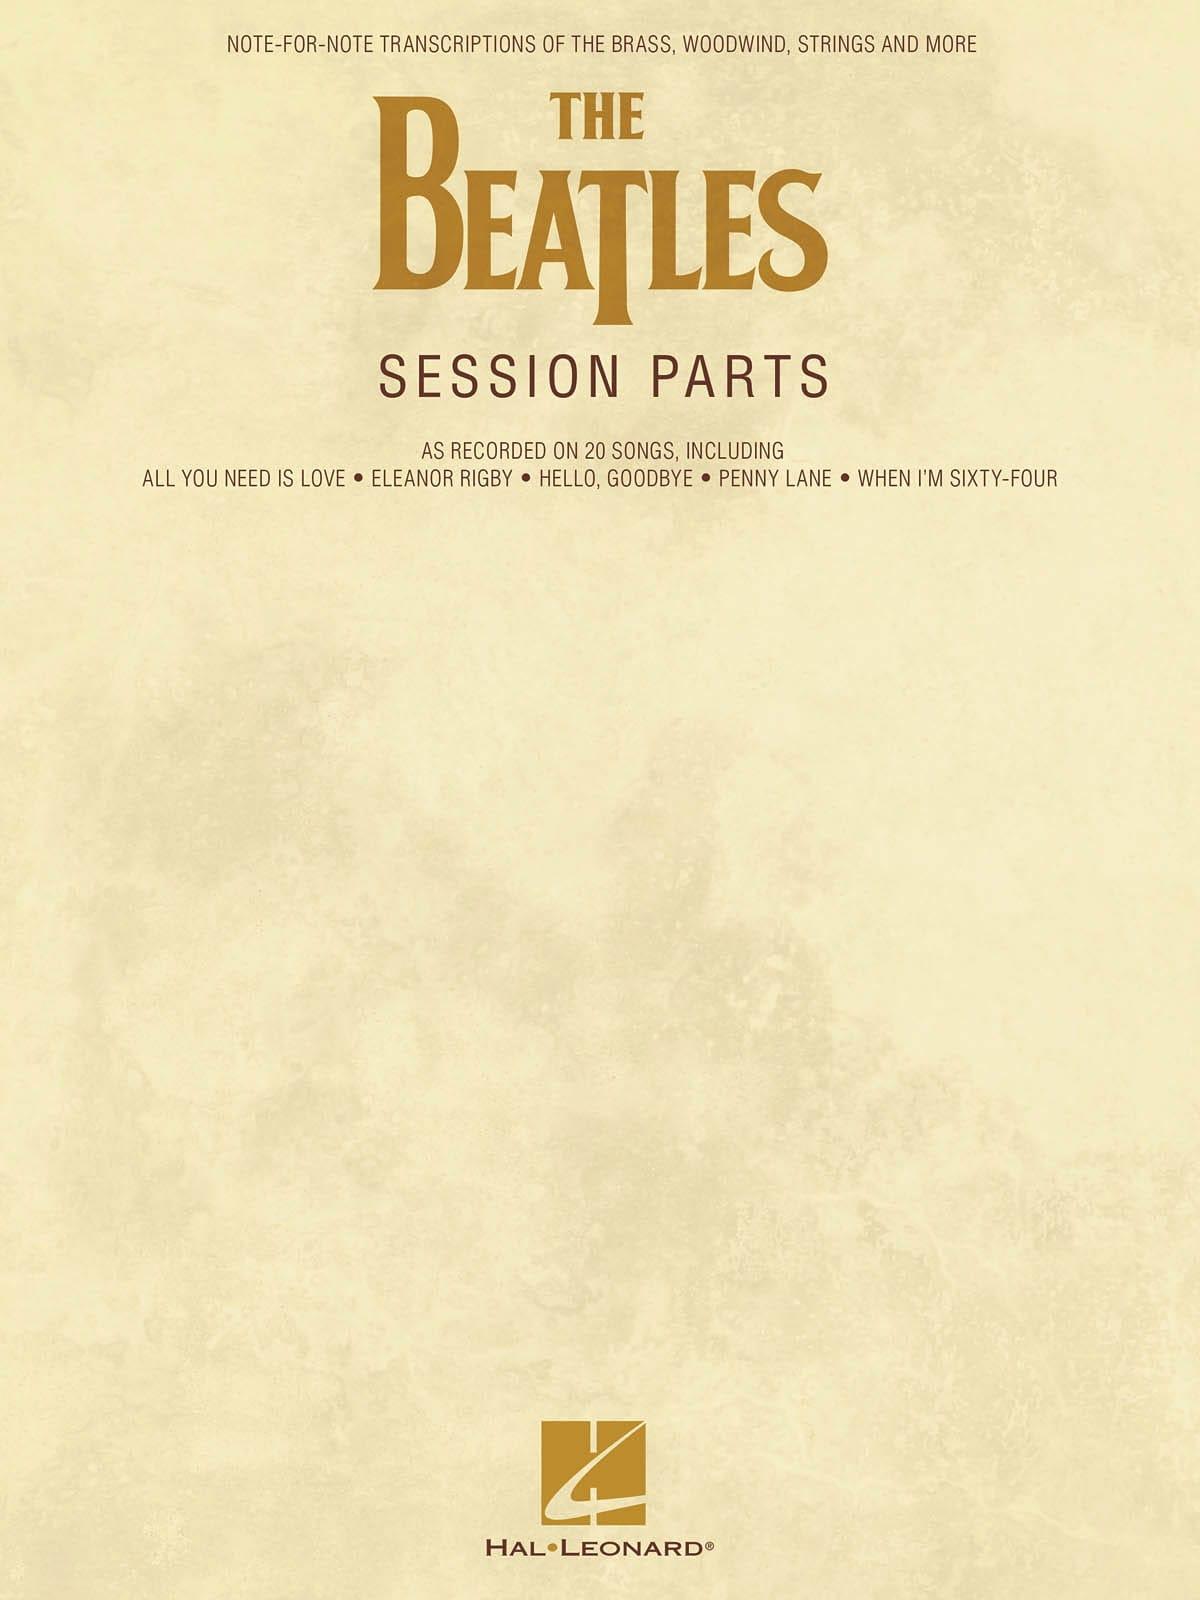 The Beatles Session Parts - BEATLES - Partition - laflutedepan.com